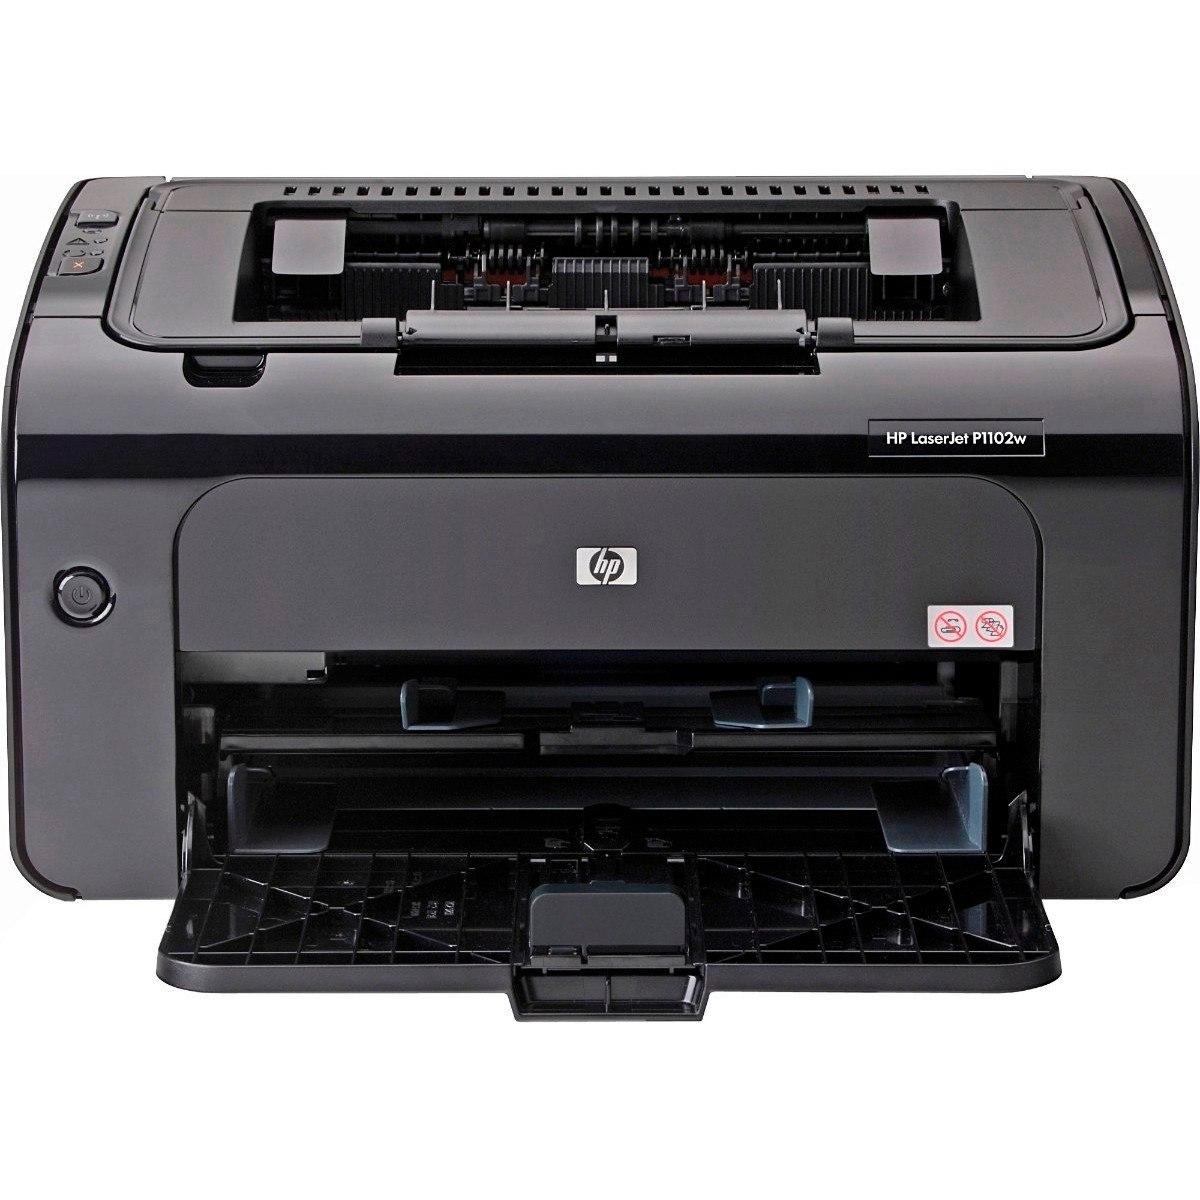 Impresora Hp Laserjet Pro P1102w Ce658a 18ppm Wifi